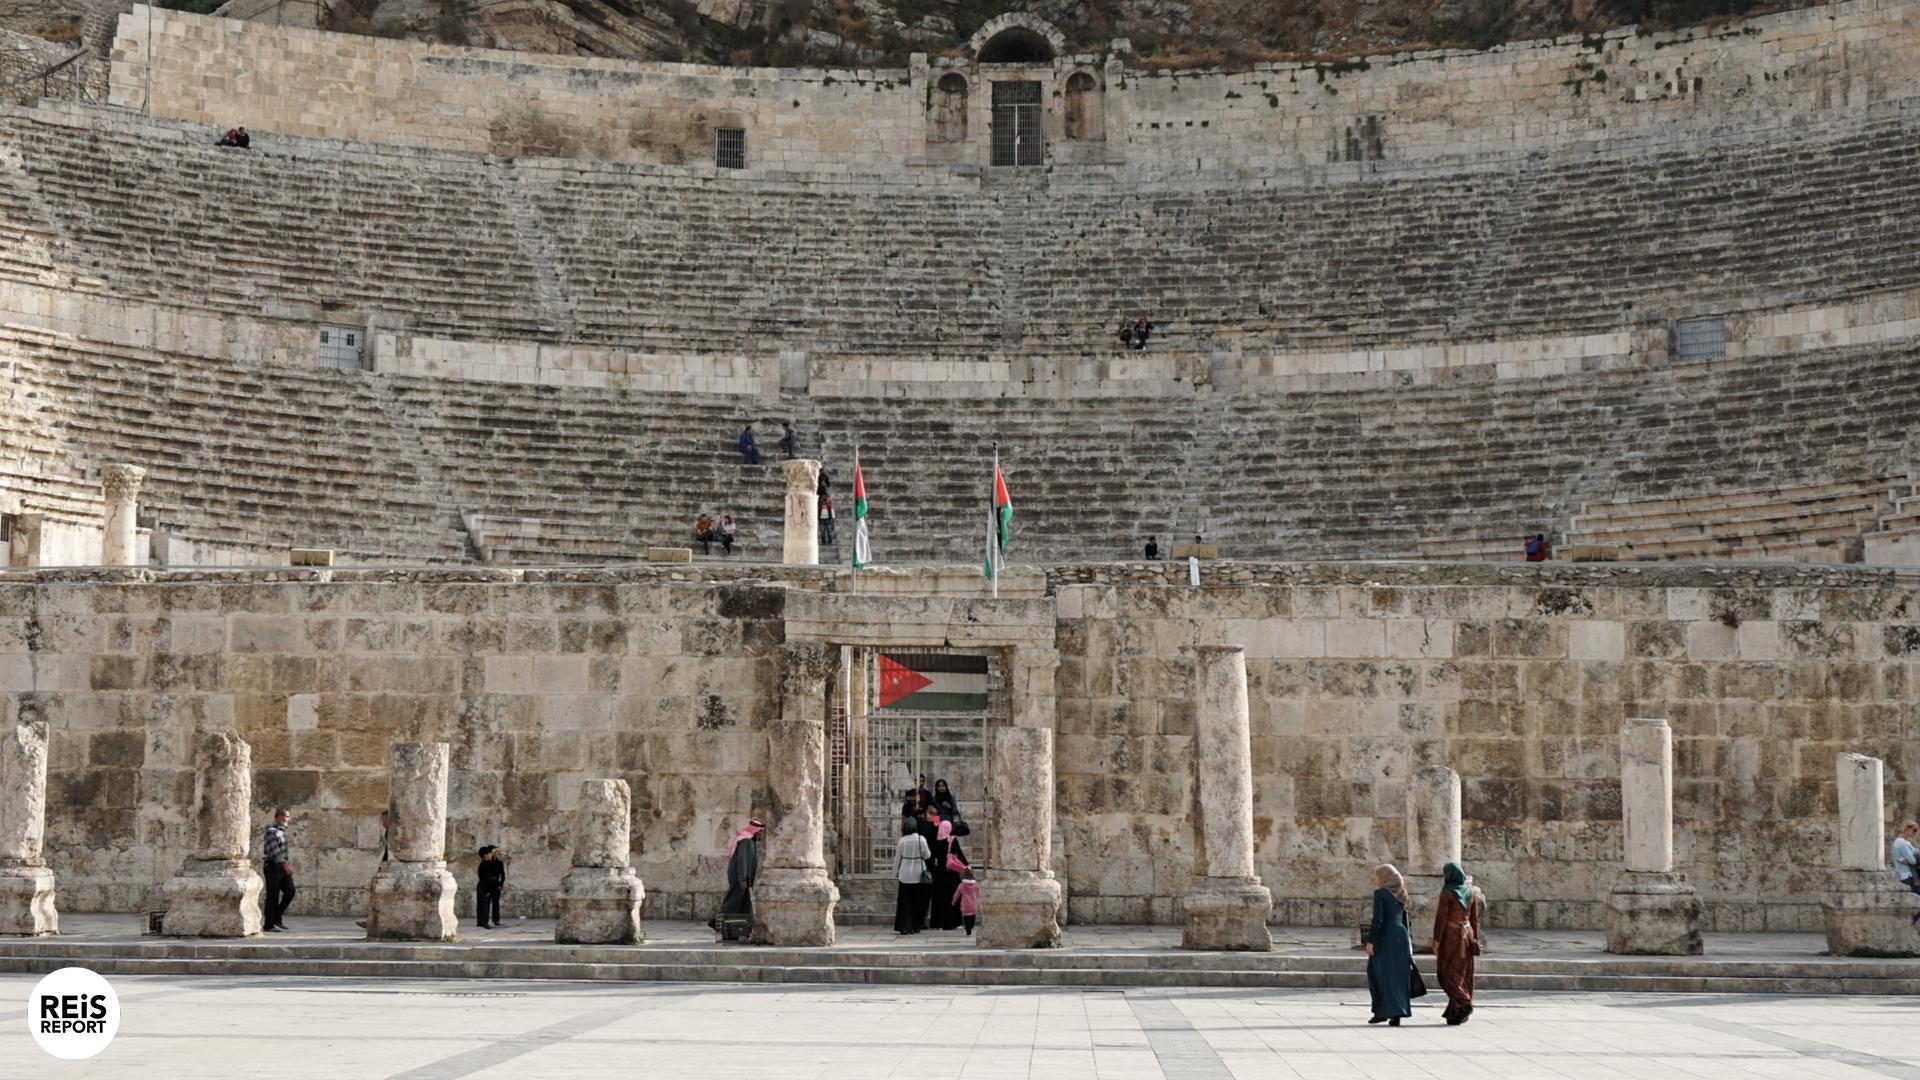 romeins theater amman jordanie4